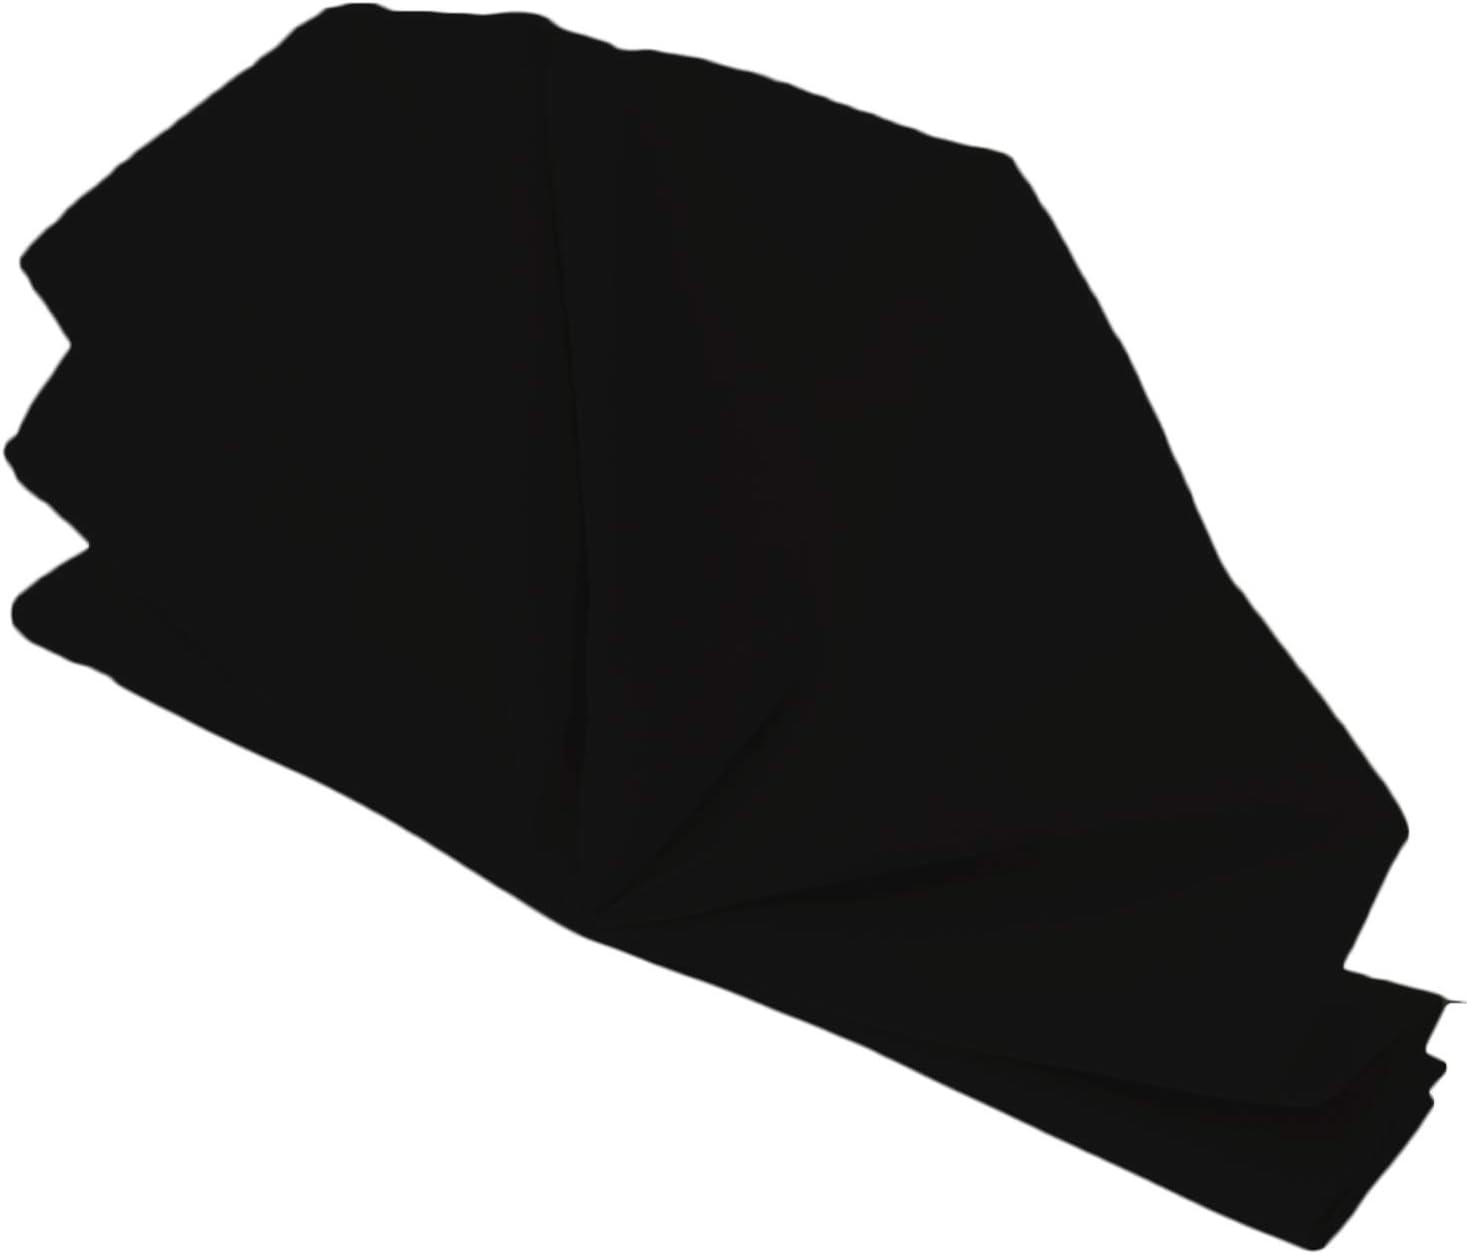 F/ête F/êtes Ourl/é Bords L/éger /& Lavable en Machine Banquet 10pcs Noir H/ôtel Mariage Repas WedDecor 20 inch Coton Polyester Table Serviette pour Maison